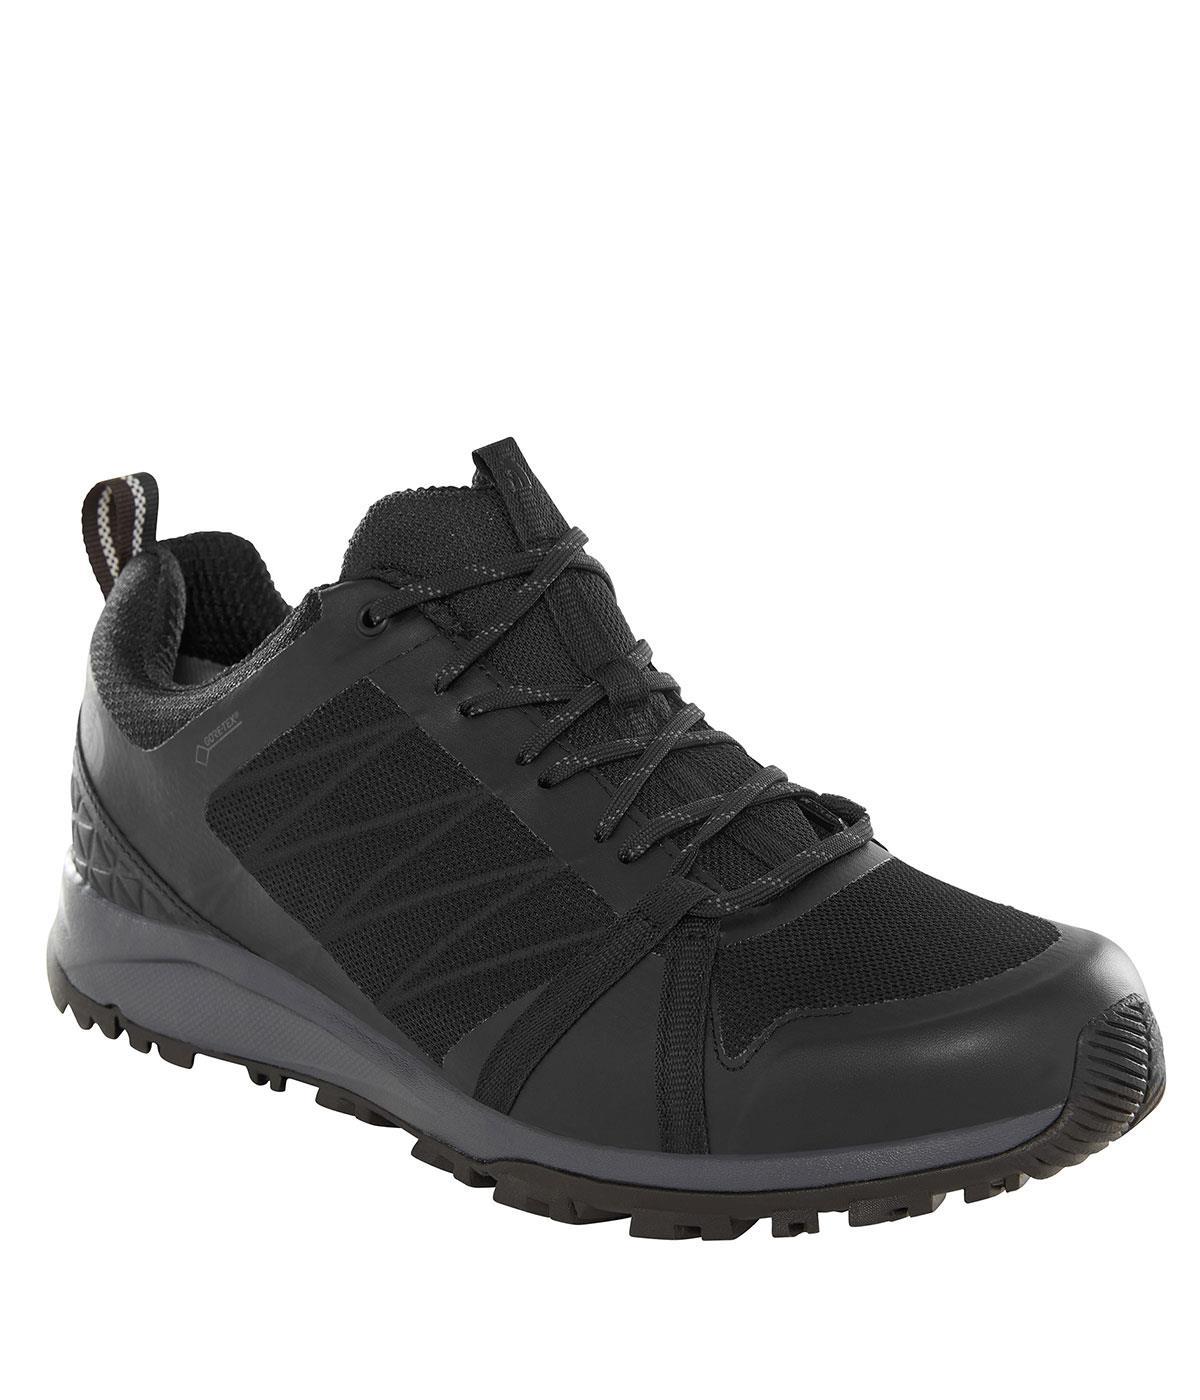 The North Face Erkek  Litewave Fastpack İi Gtx Nf0A3Redca01 Ayakkabı